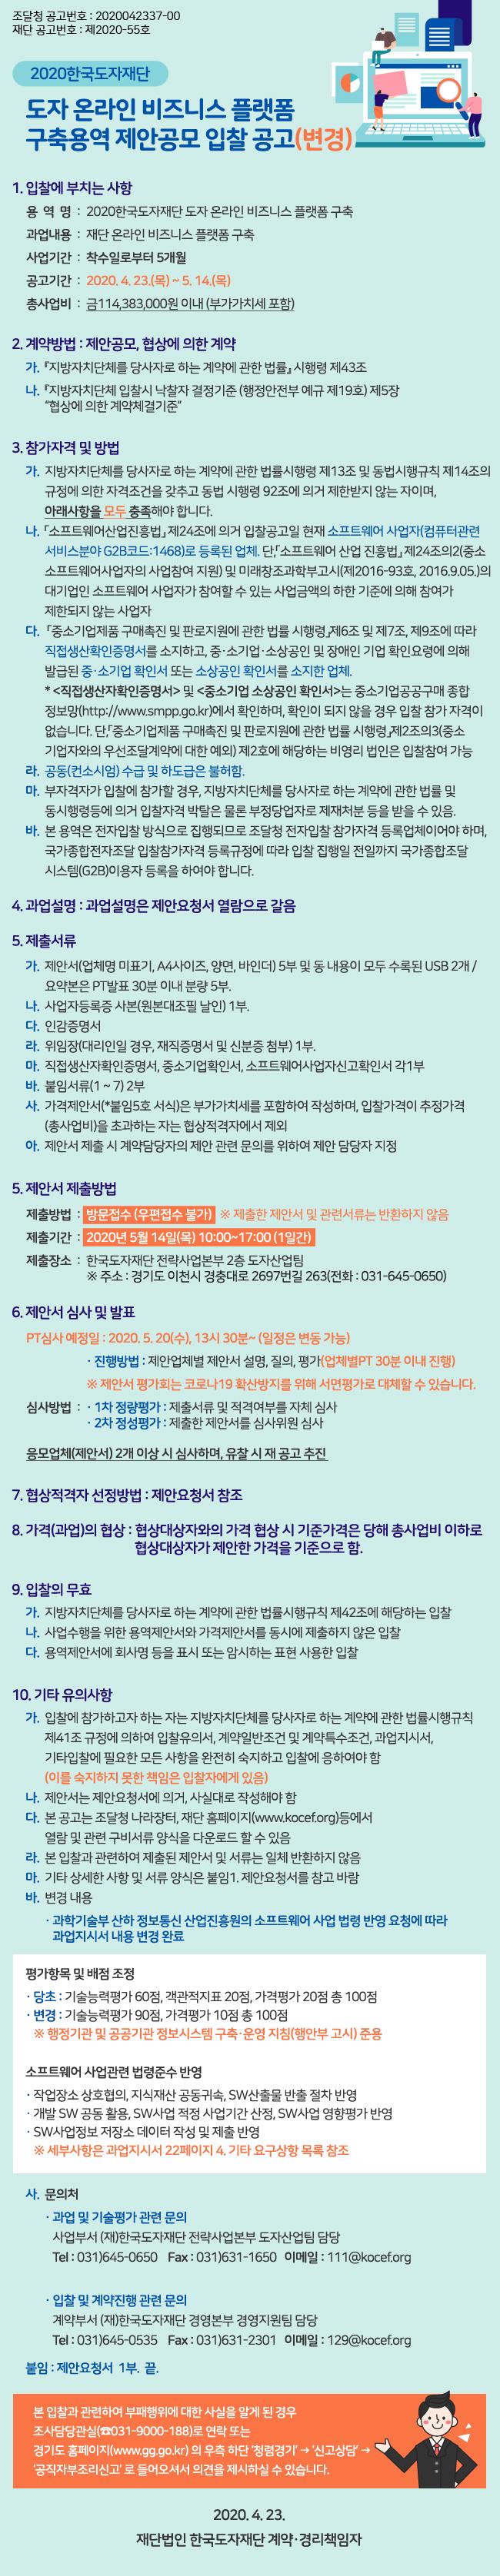 한국도자재단 도자 온라인 비즈니스 플랫폼 구축용역 제안공모 입찰공고(변경)